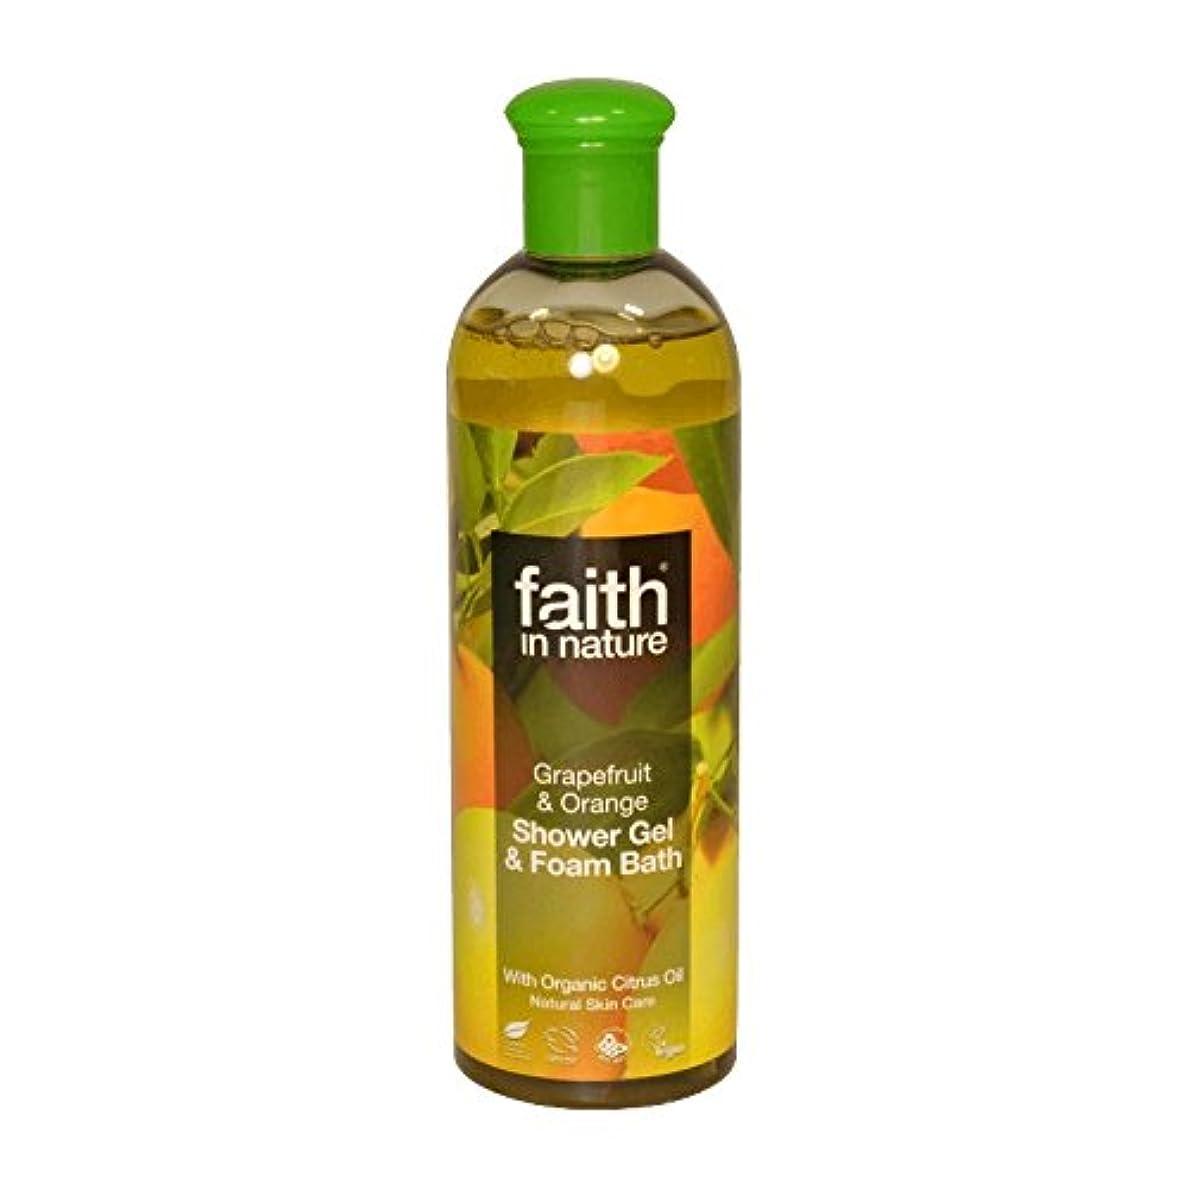 病者弾丸ちょうつがいFaith in Nature Grapefruit & Orange Shower Gel & Bath Foam 400ml (Pack of 6) - 自然グレープフルーツ&オレンジシャワージェル&バス泡400ミリリットル...